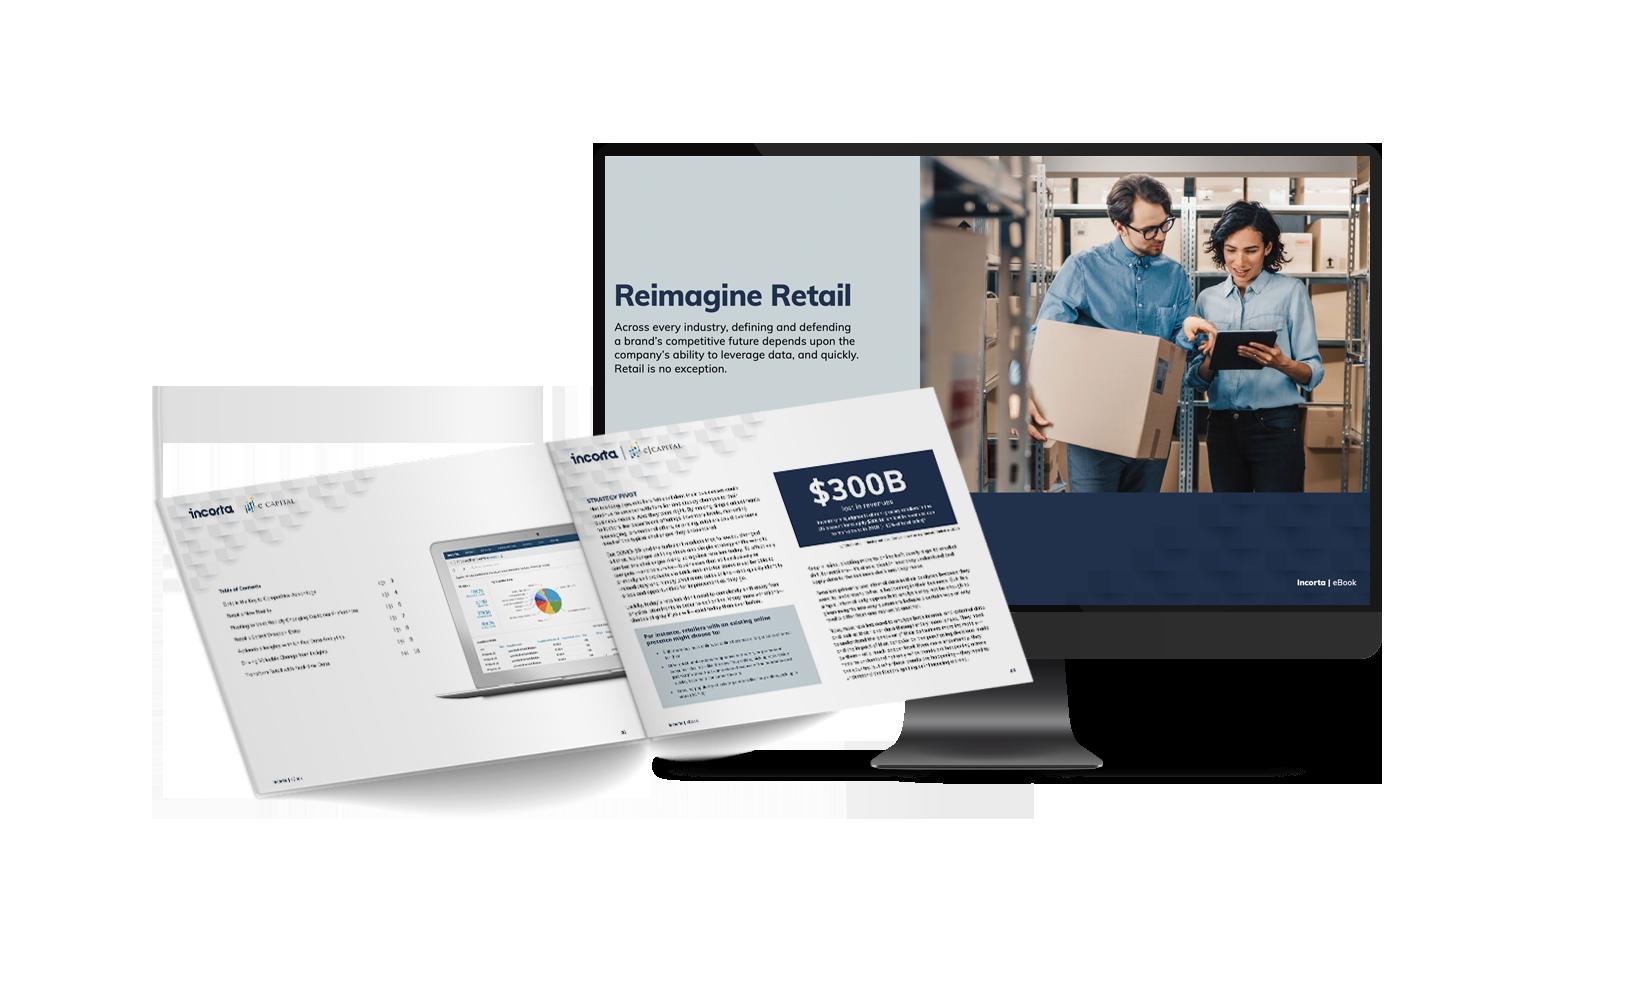 incorta-retail-ebook-tb